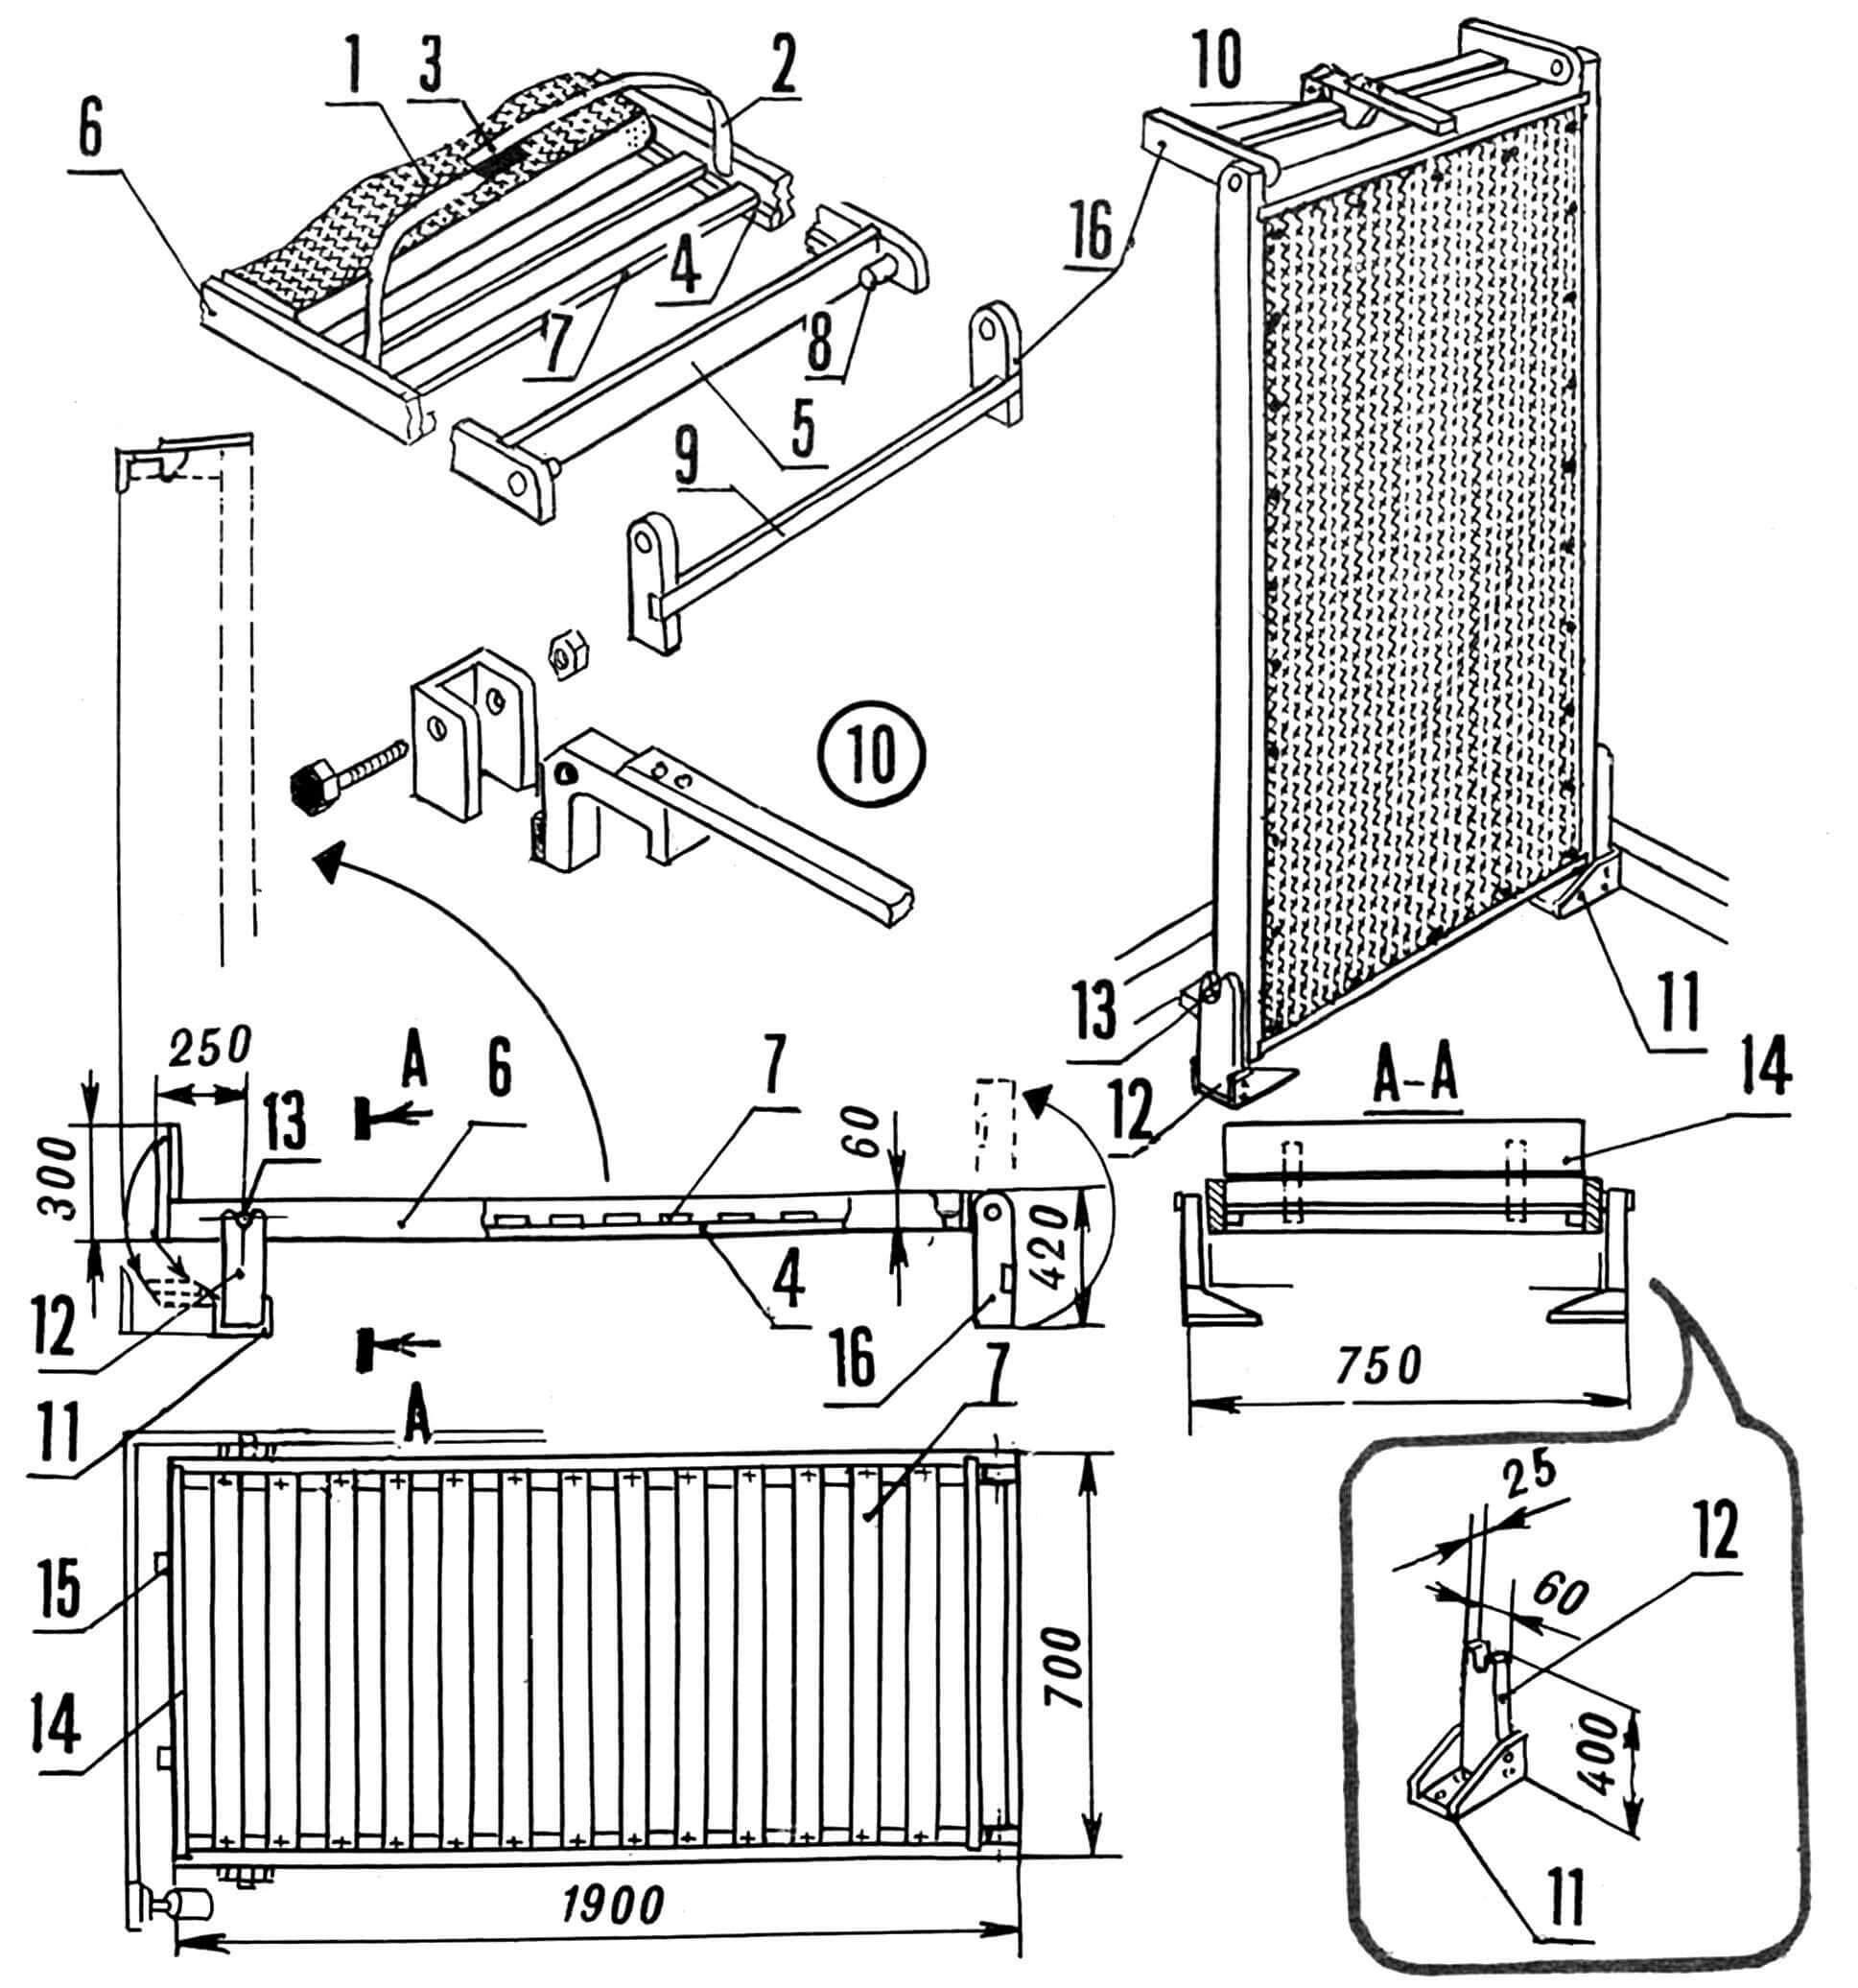 Рис. 1. Откидная кровать: 1 — декоративная зашивка (оргалит, фанера 3x650x1800 мм), 2 — плоский ремень (2 шт.), 3 — застежка «репейник» (2 шт.), 4 — опорная рейка (15x15x1790 мм, 2 шт.), 5 — поперечный элемент каркаса (25x60x670 мм, 2 шт.), 6 — продольный элемент каркаса (брус, 25x60x1900 мм, 4 шт.), 7 — поперечная планка (15x30x650 мм, 13 шт.), 8 — ось задних ножек (ø 30x55 мм, 2 шт.), 9 — планка соединительная (20x30x650 мм), 10 — защелка (фанера толщиной 10...12 мм; дюралюминий толщиной 2...3 мм), 11 — кронштейн (дюралюминий толщиной 3 мм), 12 — ножка (рейка 25x60x400 мм, 2 шт.), 13 — ось передних ножек (ø 30x755 мм), 14 — изголовье (доска 25x240x670 мм), 15 — стойка изголовья (рейка 25x40x300 мм, 2 шт.), 16 — ножка (рейка 25x60x420 мм, 2 шт.).